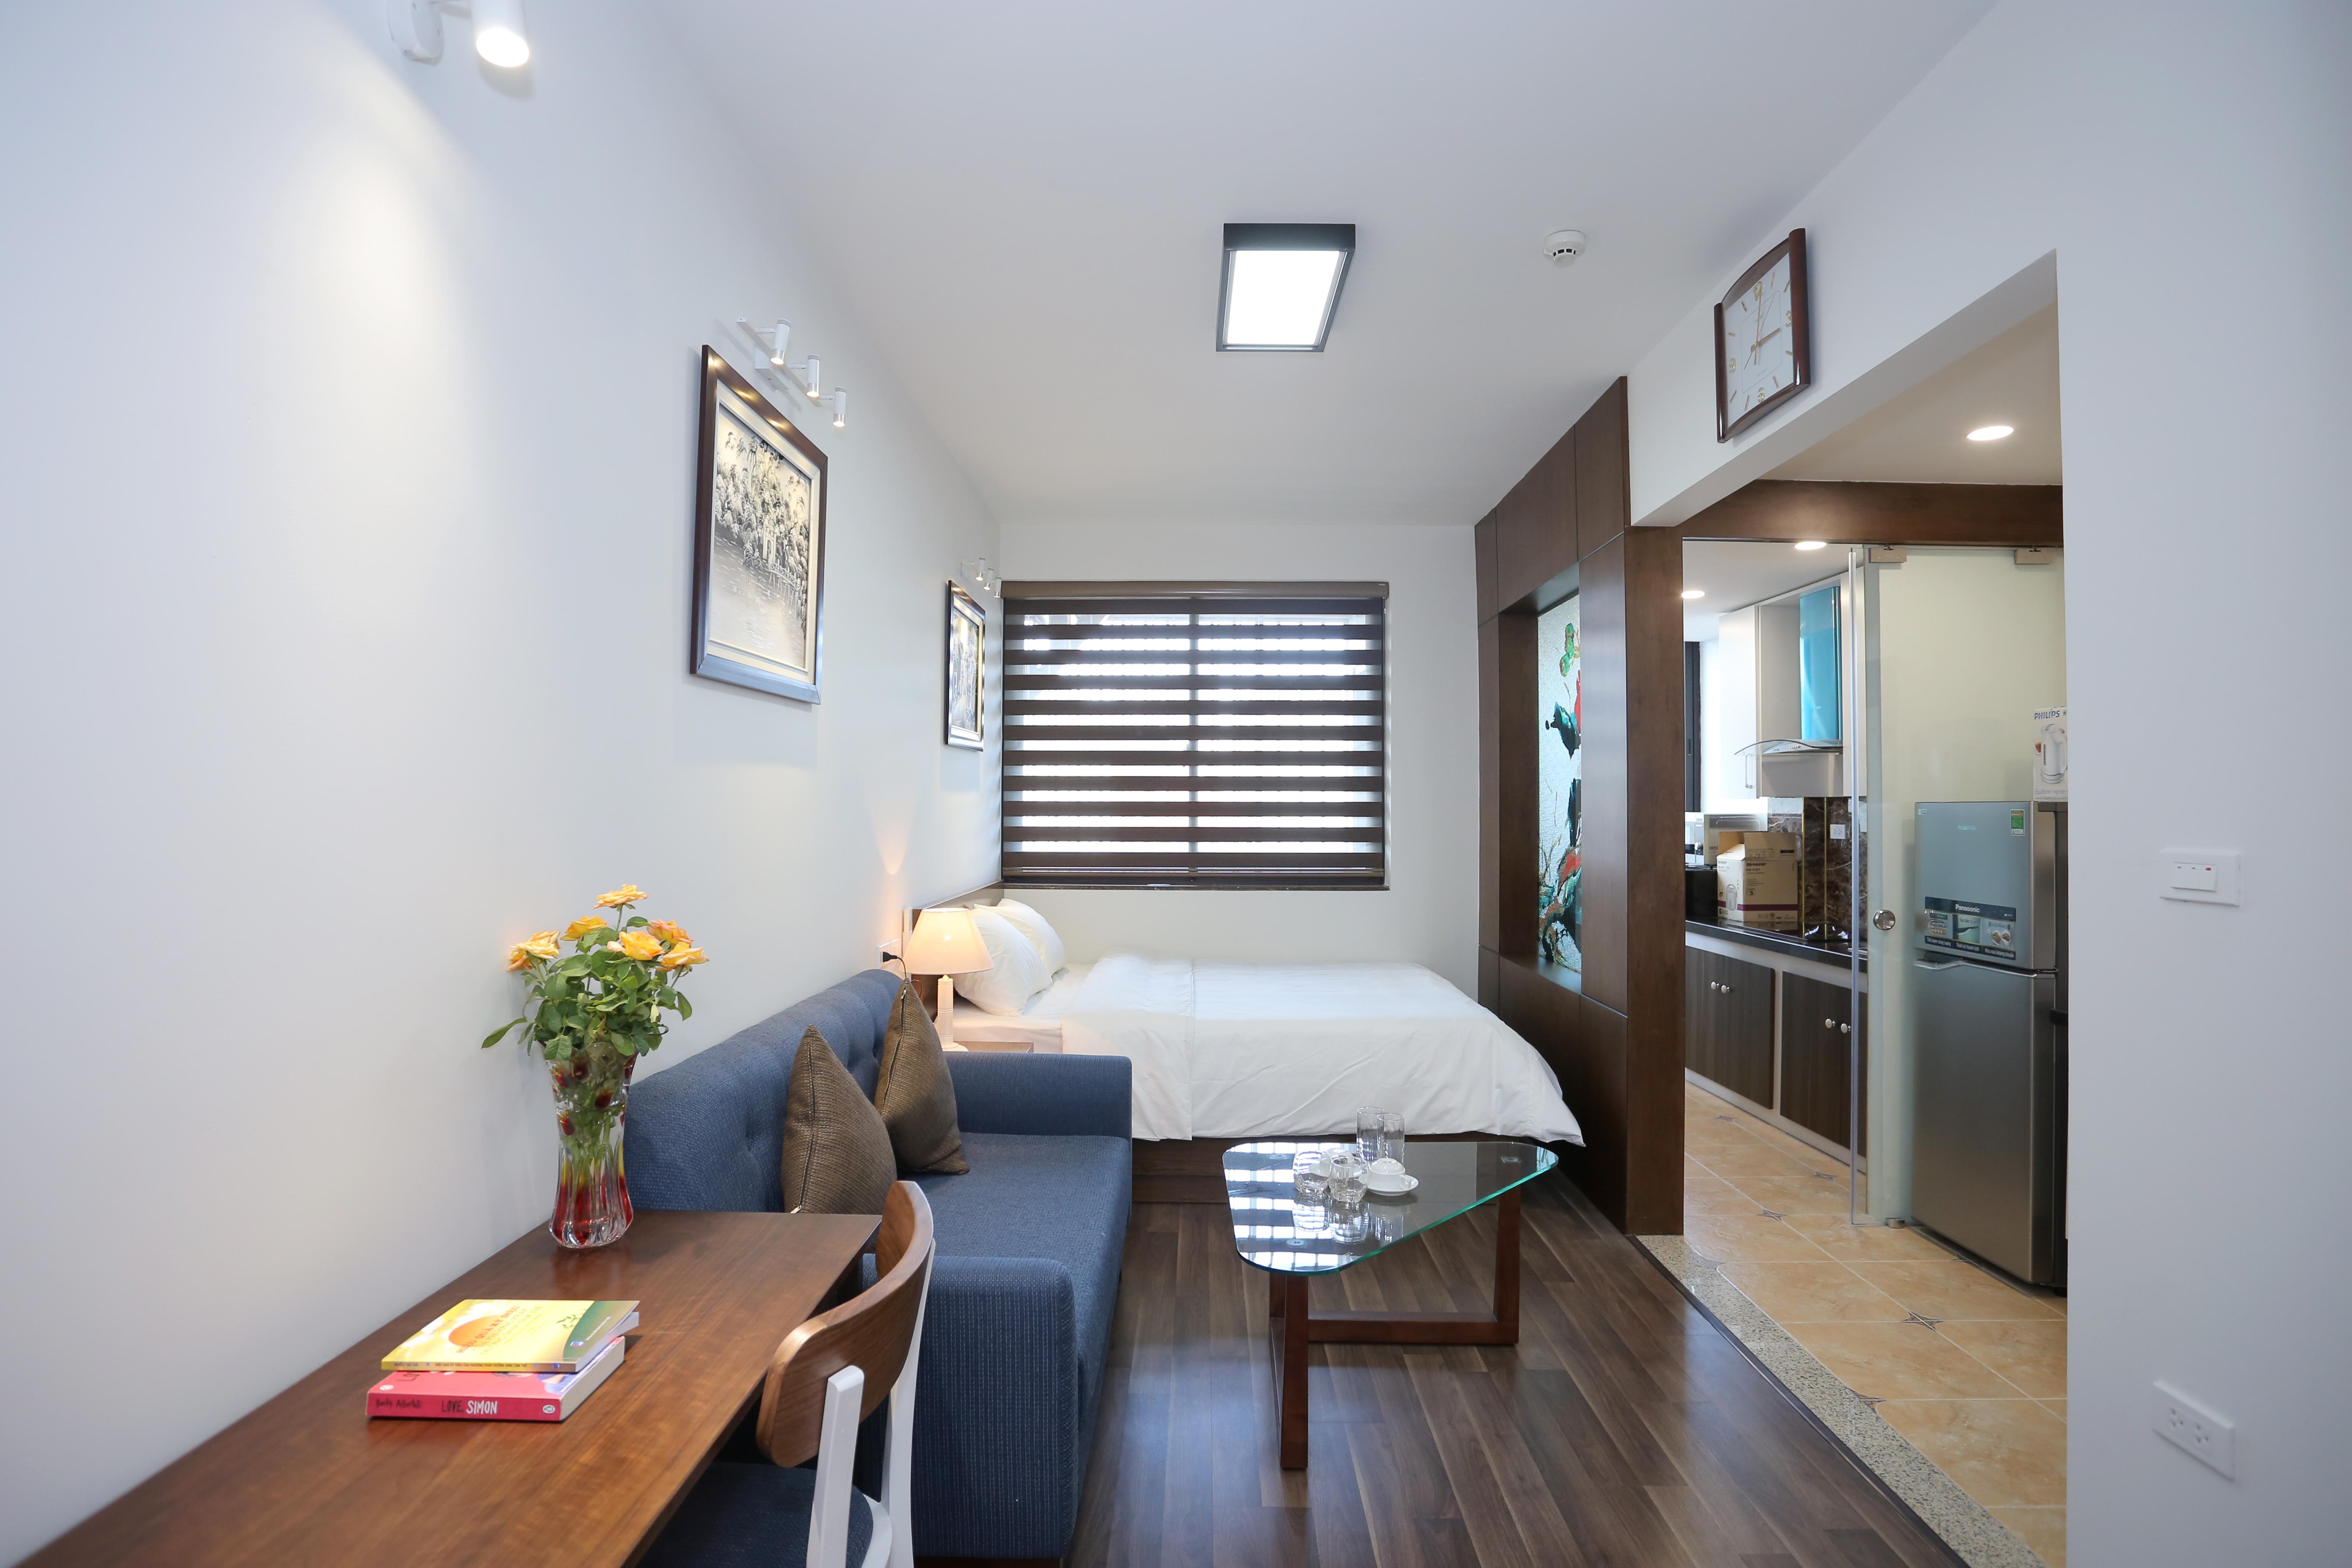 Ba Dinh区におけるサービスアパート